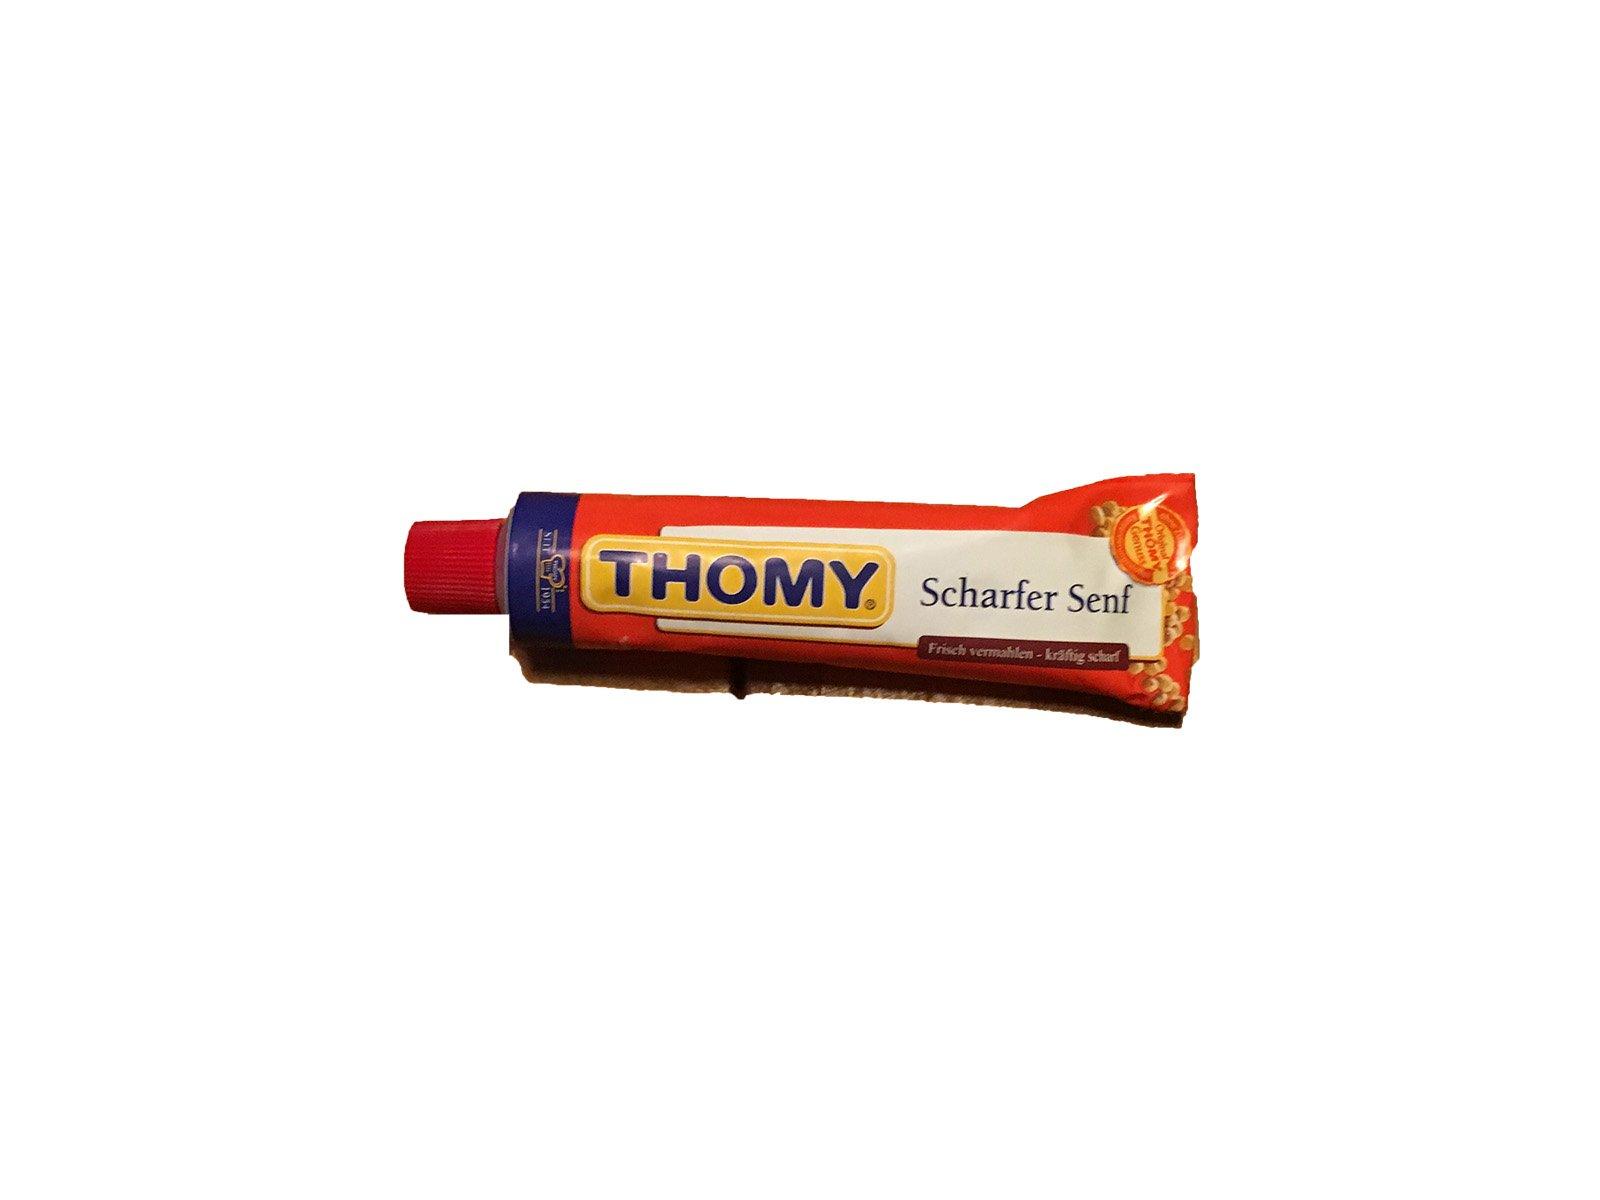 Thomy Scharfer Senf